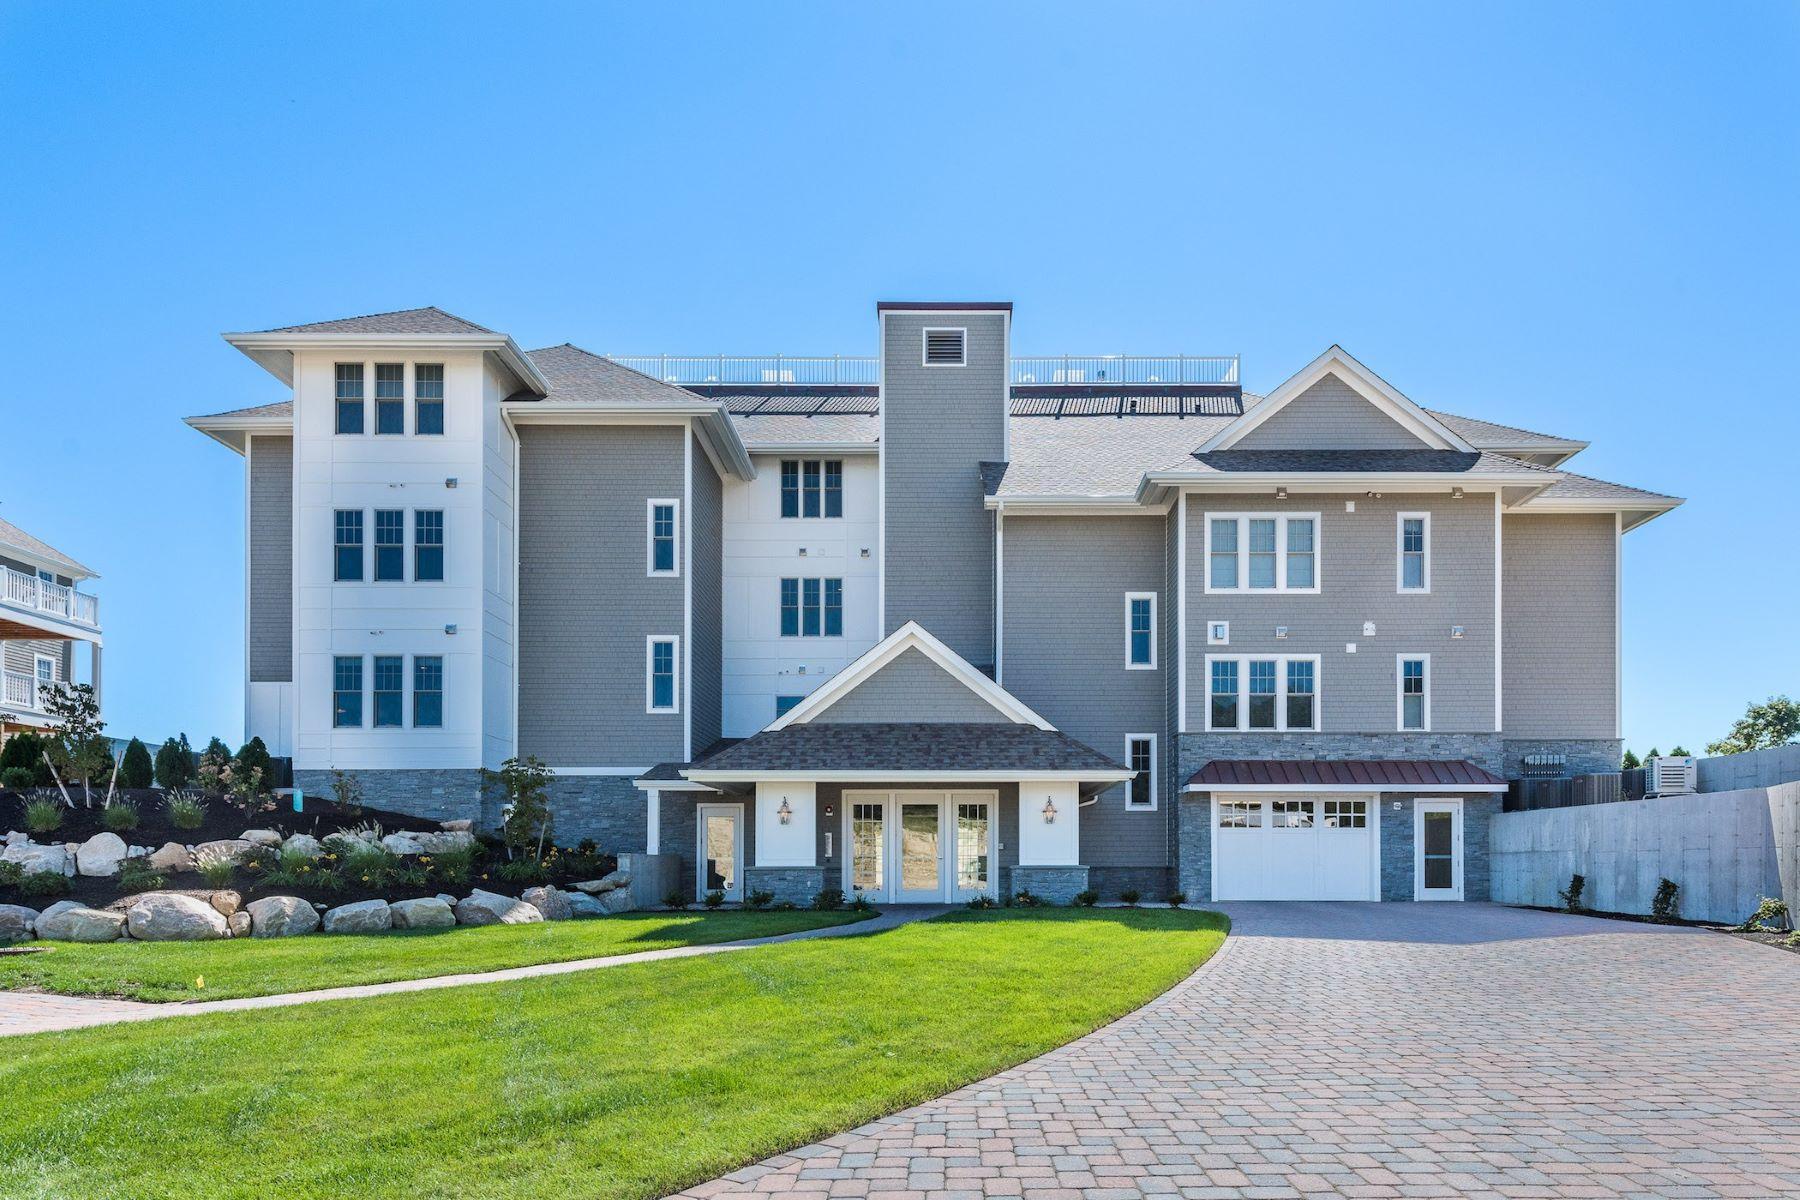 共管式独立产权公寓 为 销售 在 7 Compass Wy D102, #D102, Westerly, RI 7 Compass Wy D102 D102, 韦斯特利, 罗得岛, 02891 美国